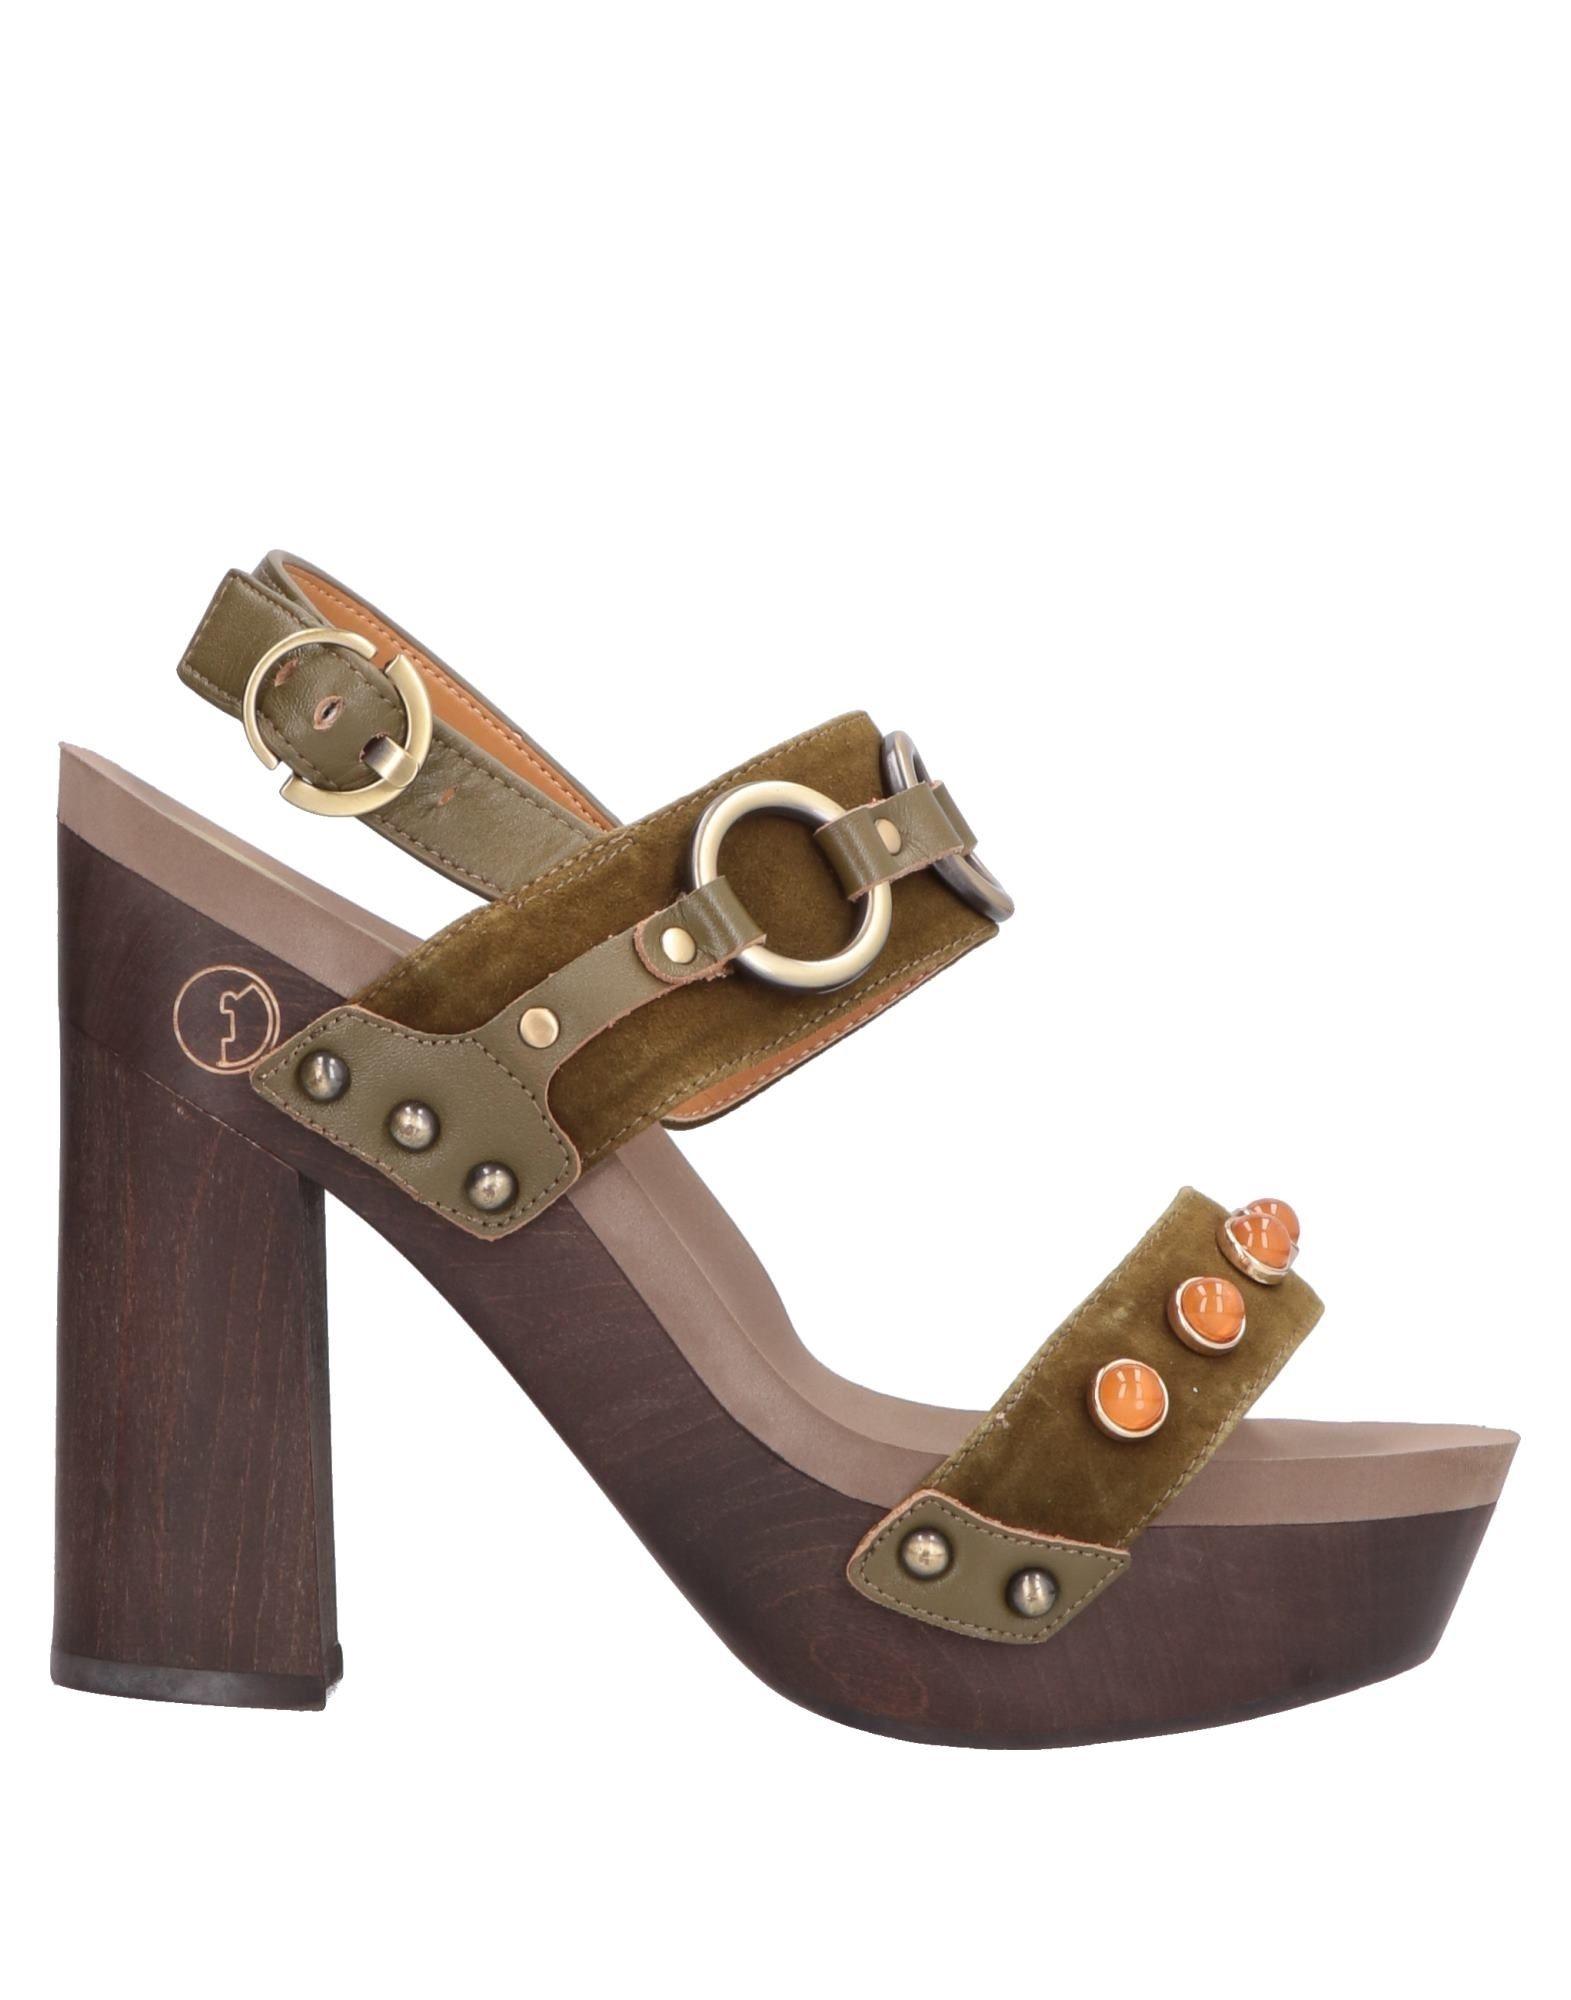 Flogg Sandalen Sandalen Sandalen Damen  11578587RQ Gute Qualität beliebte Schuhe 5a908f